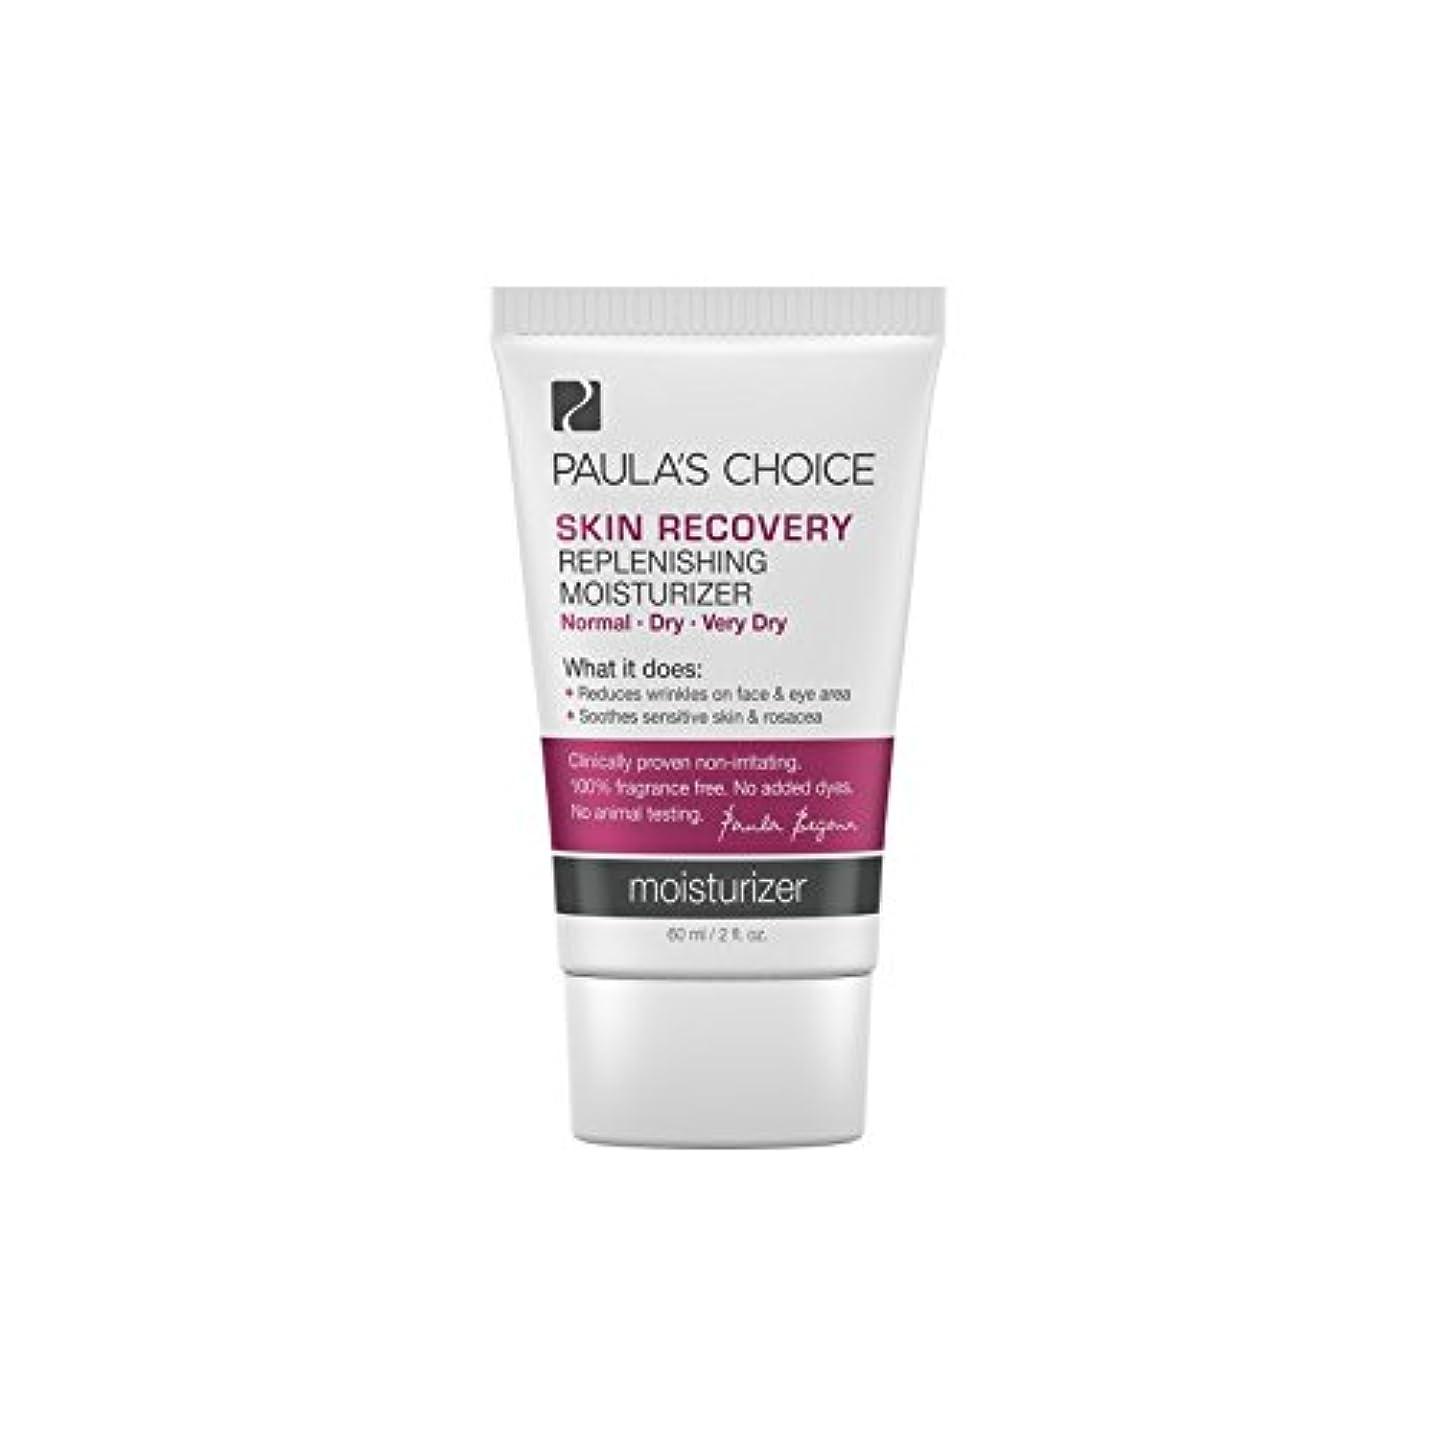 文庫本ジェームズダイソン味方Paula's Choice Skin Recovery Replenishing Moisturizer (60ml) - ポーラチョイスの肌の回復補充保湿(60ミリリットル) [並行輸入品]